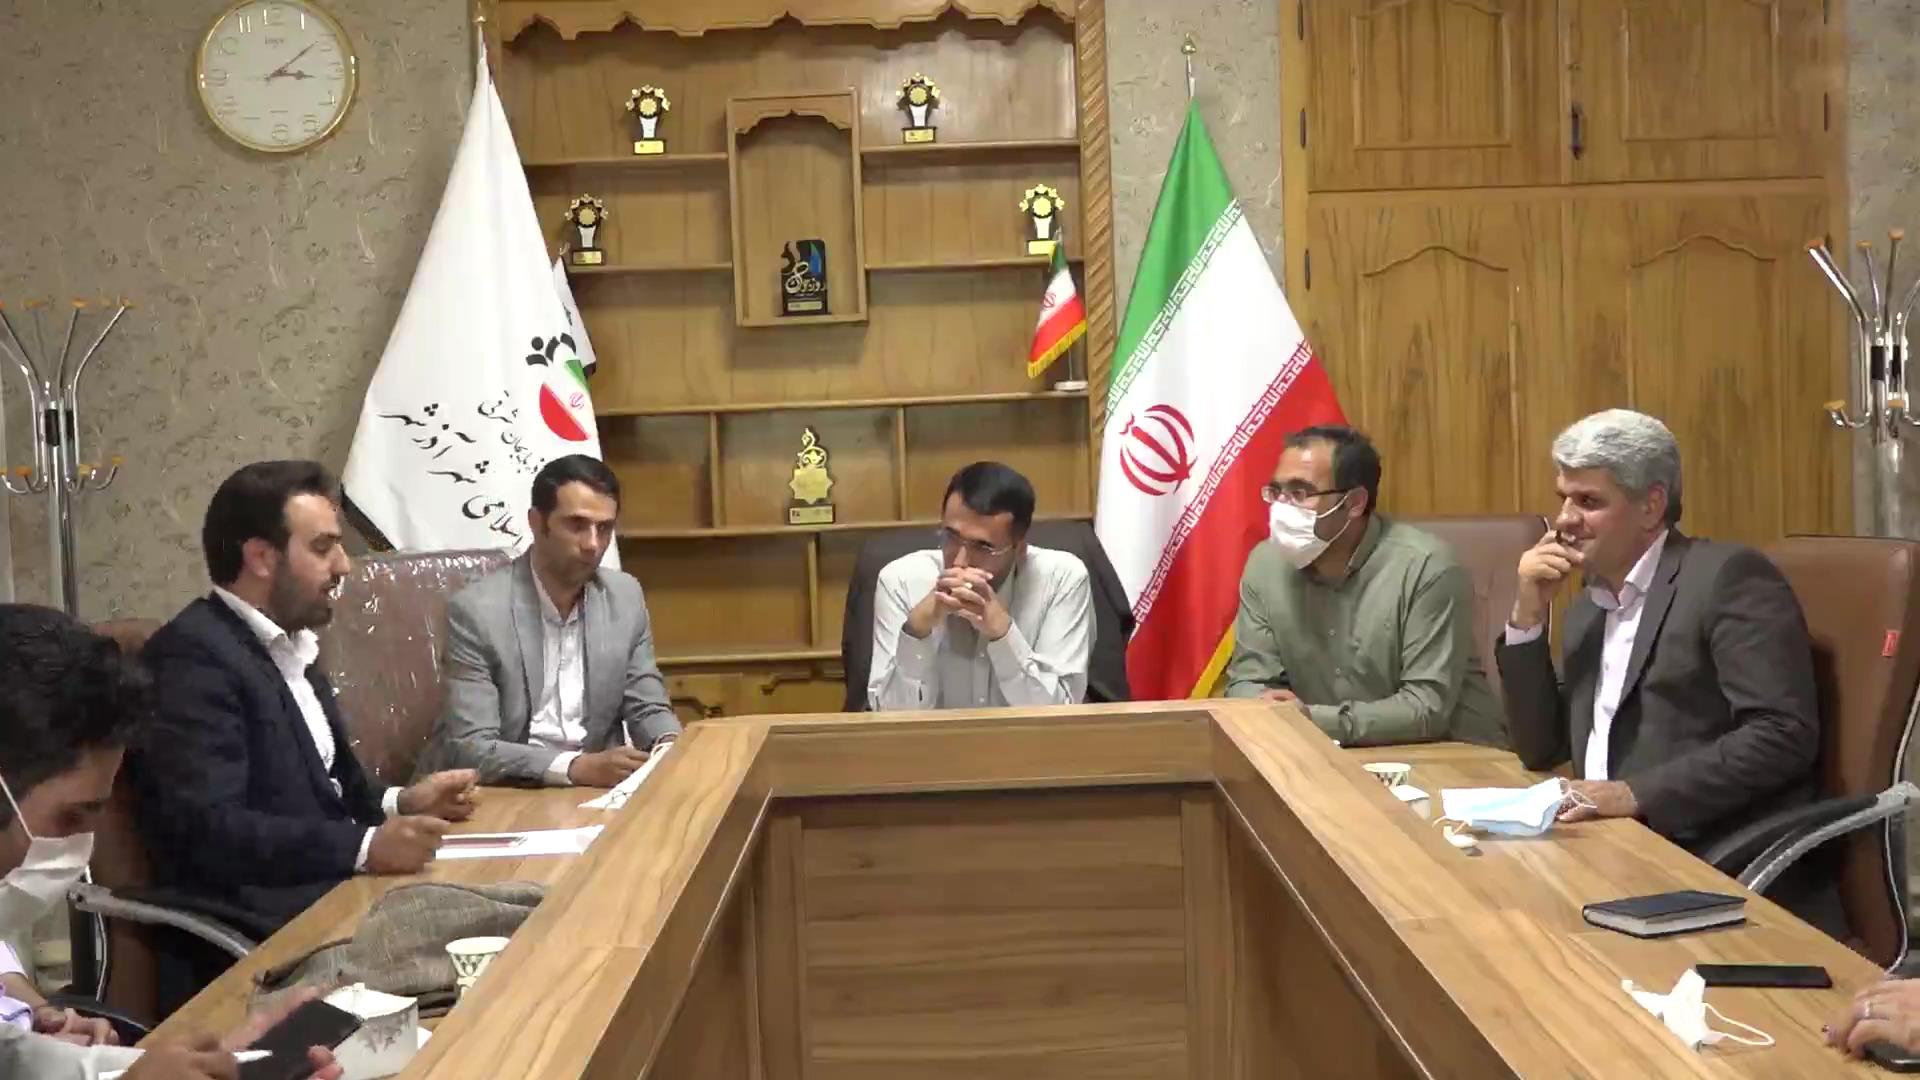 انتقاد از بی توجهی به اجرای طرح فاضلاب آذرشهر